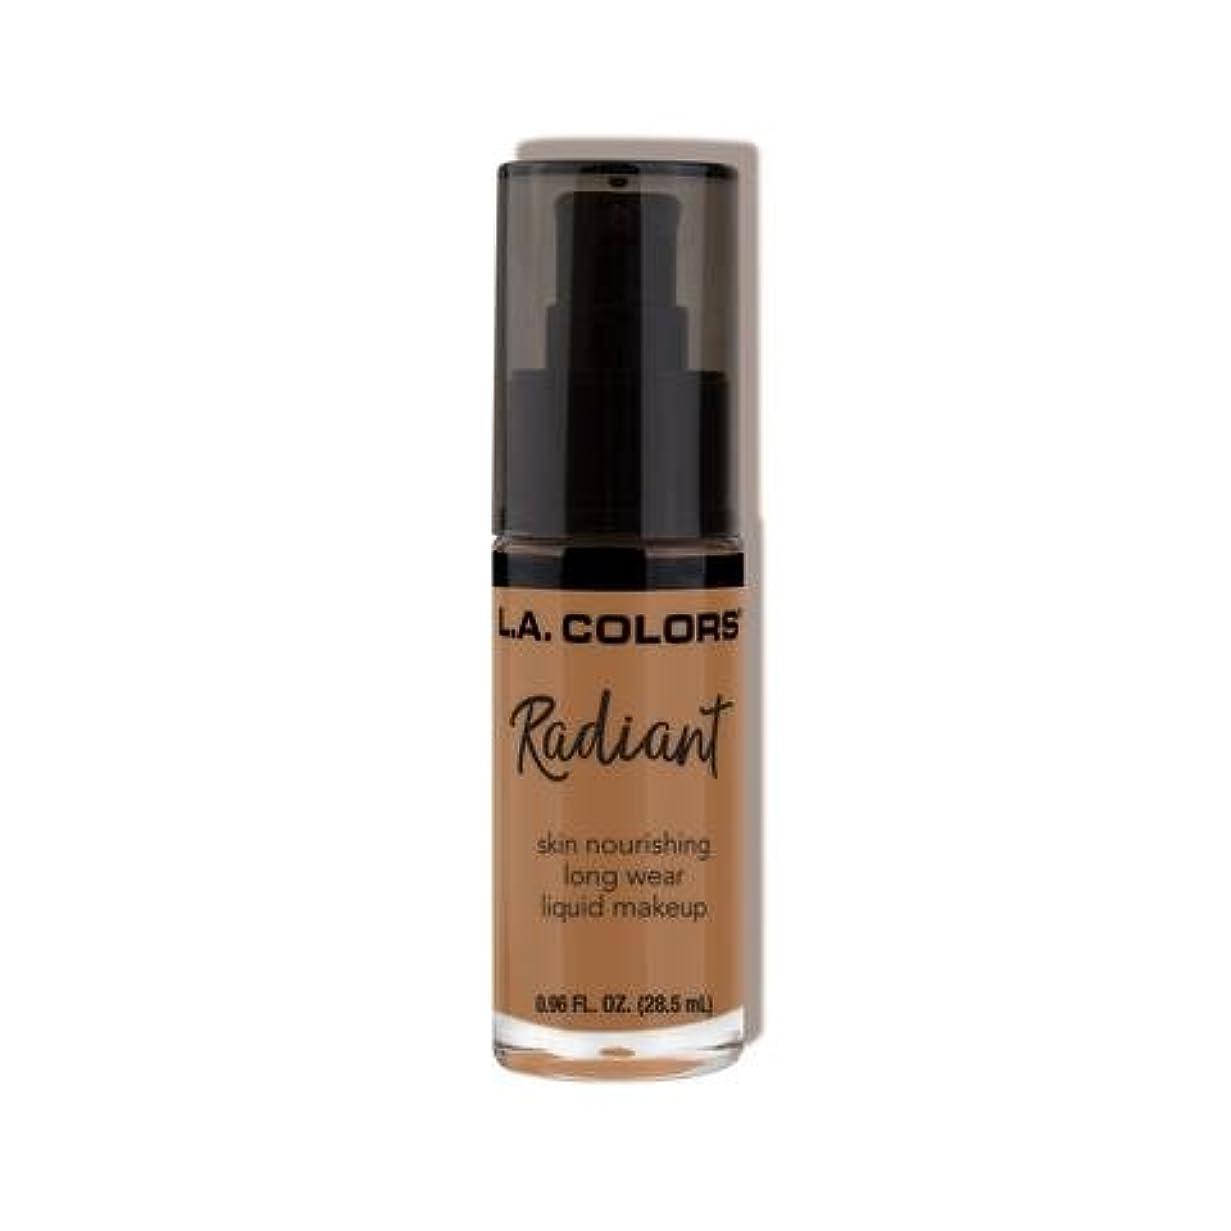 流用するキラウエア山失態(6 Pack) L.A. COLORS Radiant Liquid Makeup - Chestnut (並行輸入品)